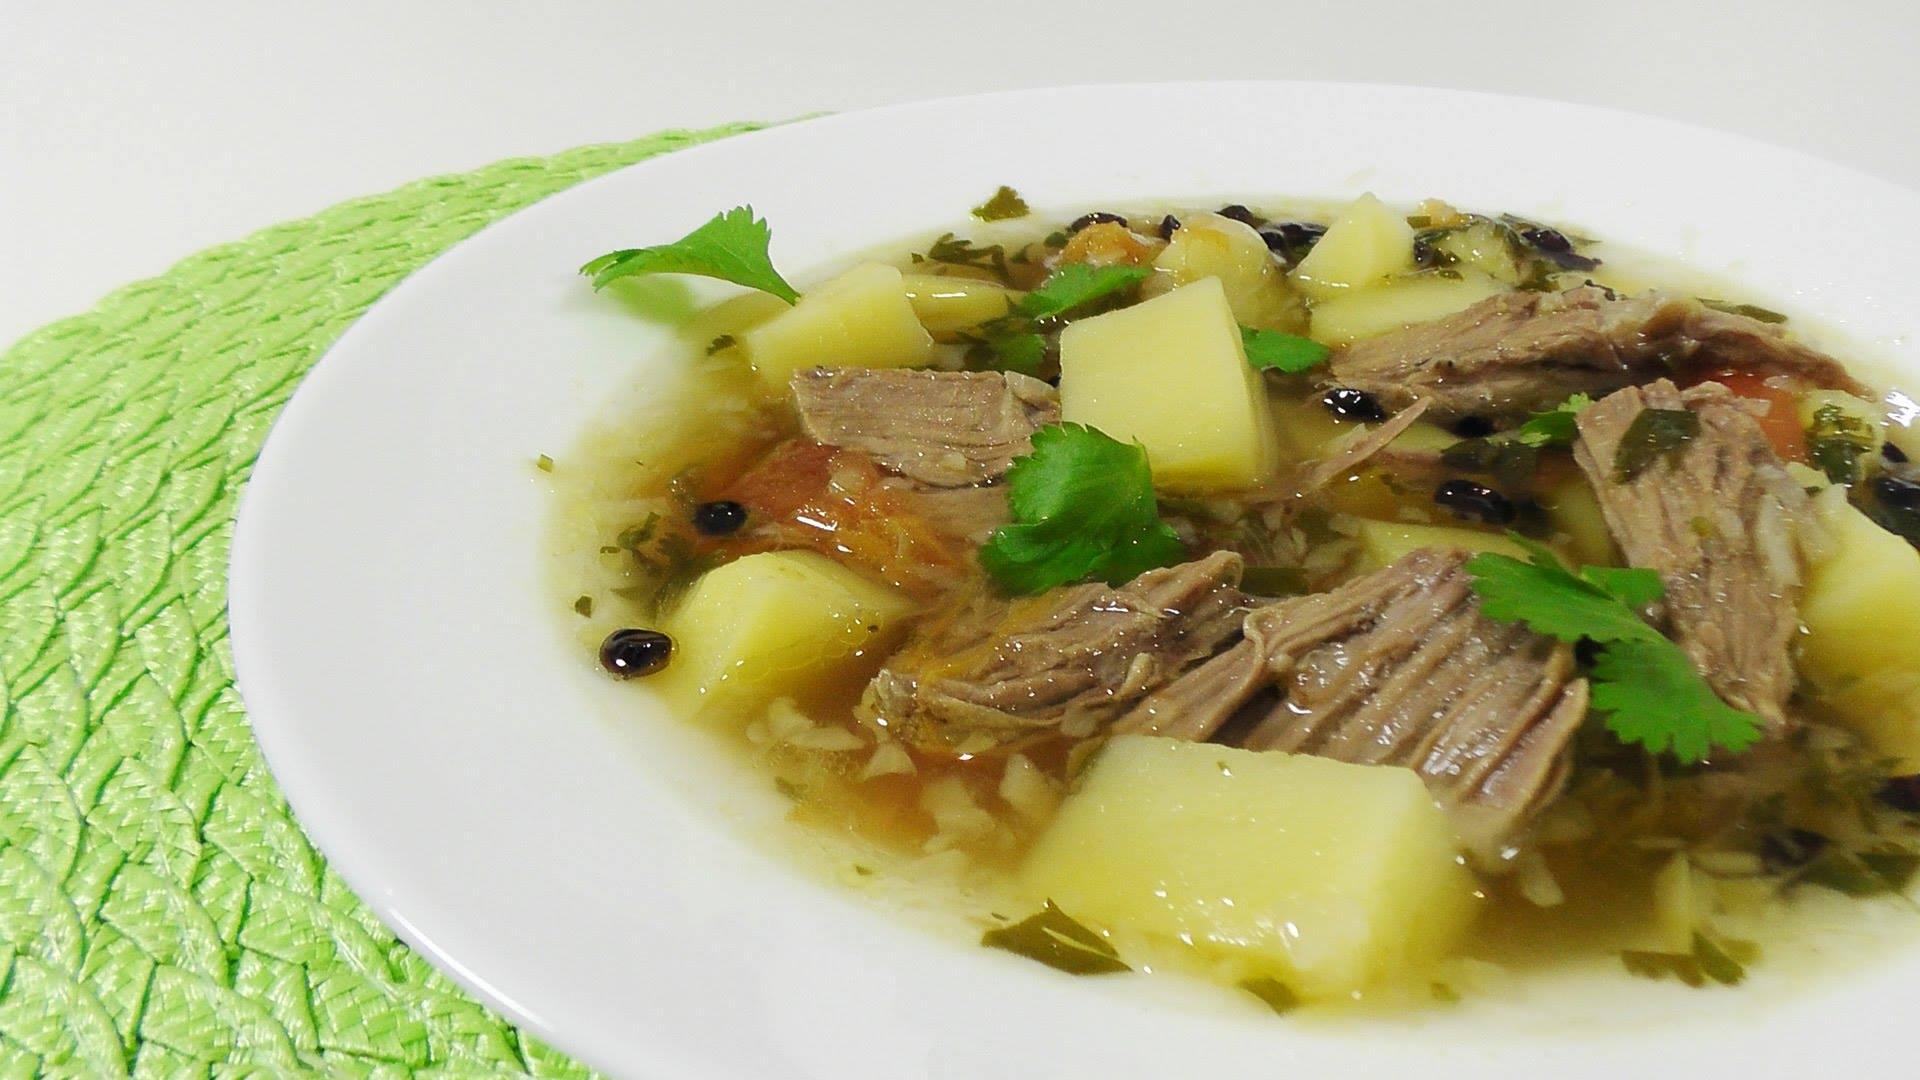 Перші страви… із «кислинкою»: борщ із чорносливом і бульйон із барбарисом 2 - Смачноблог - Без Купюр